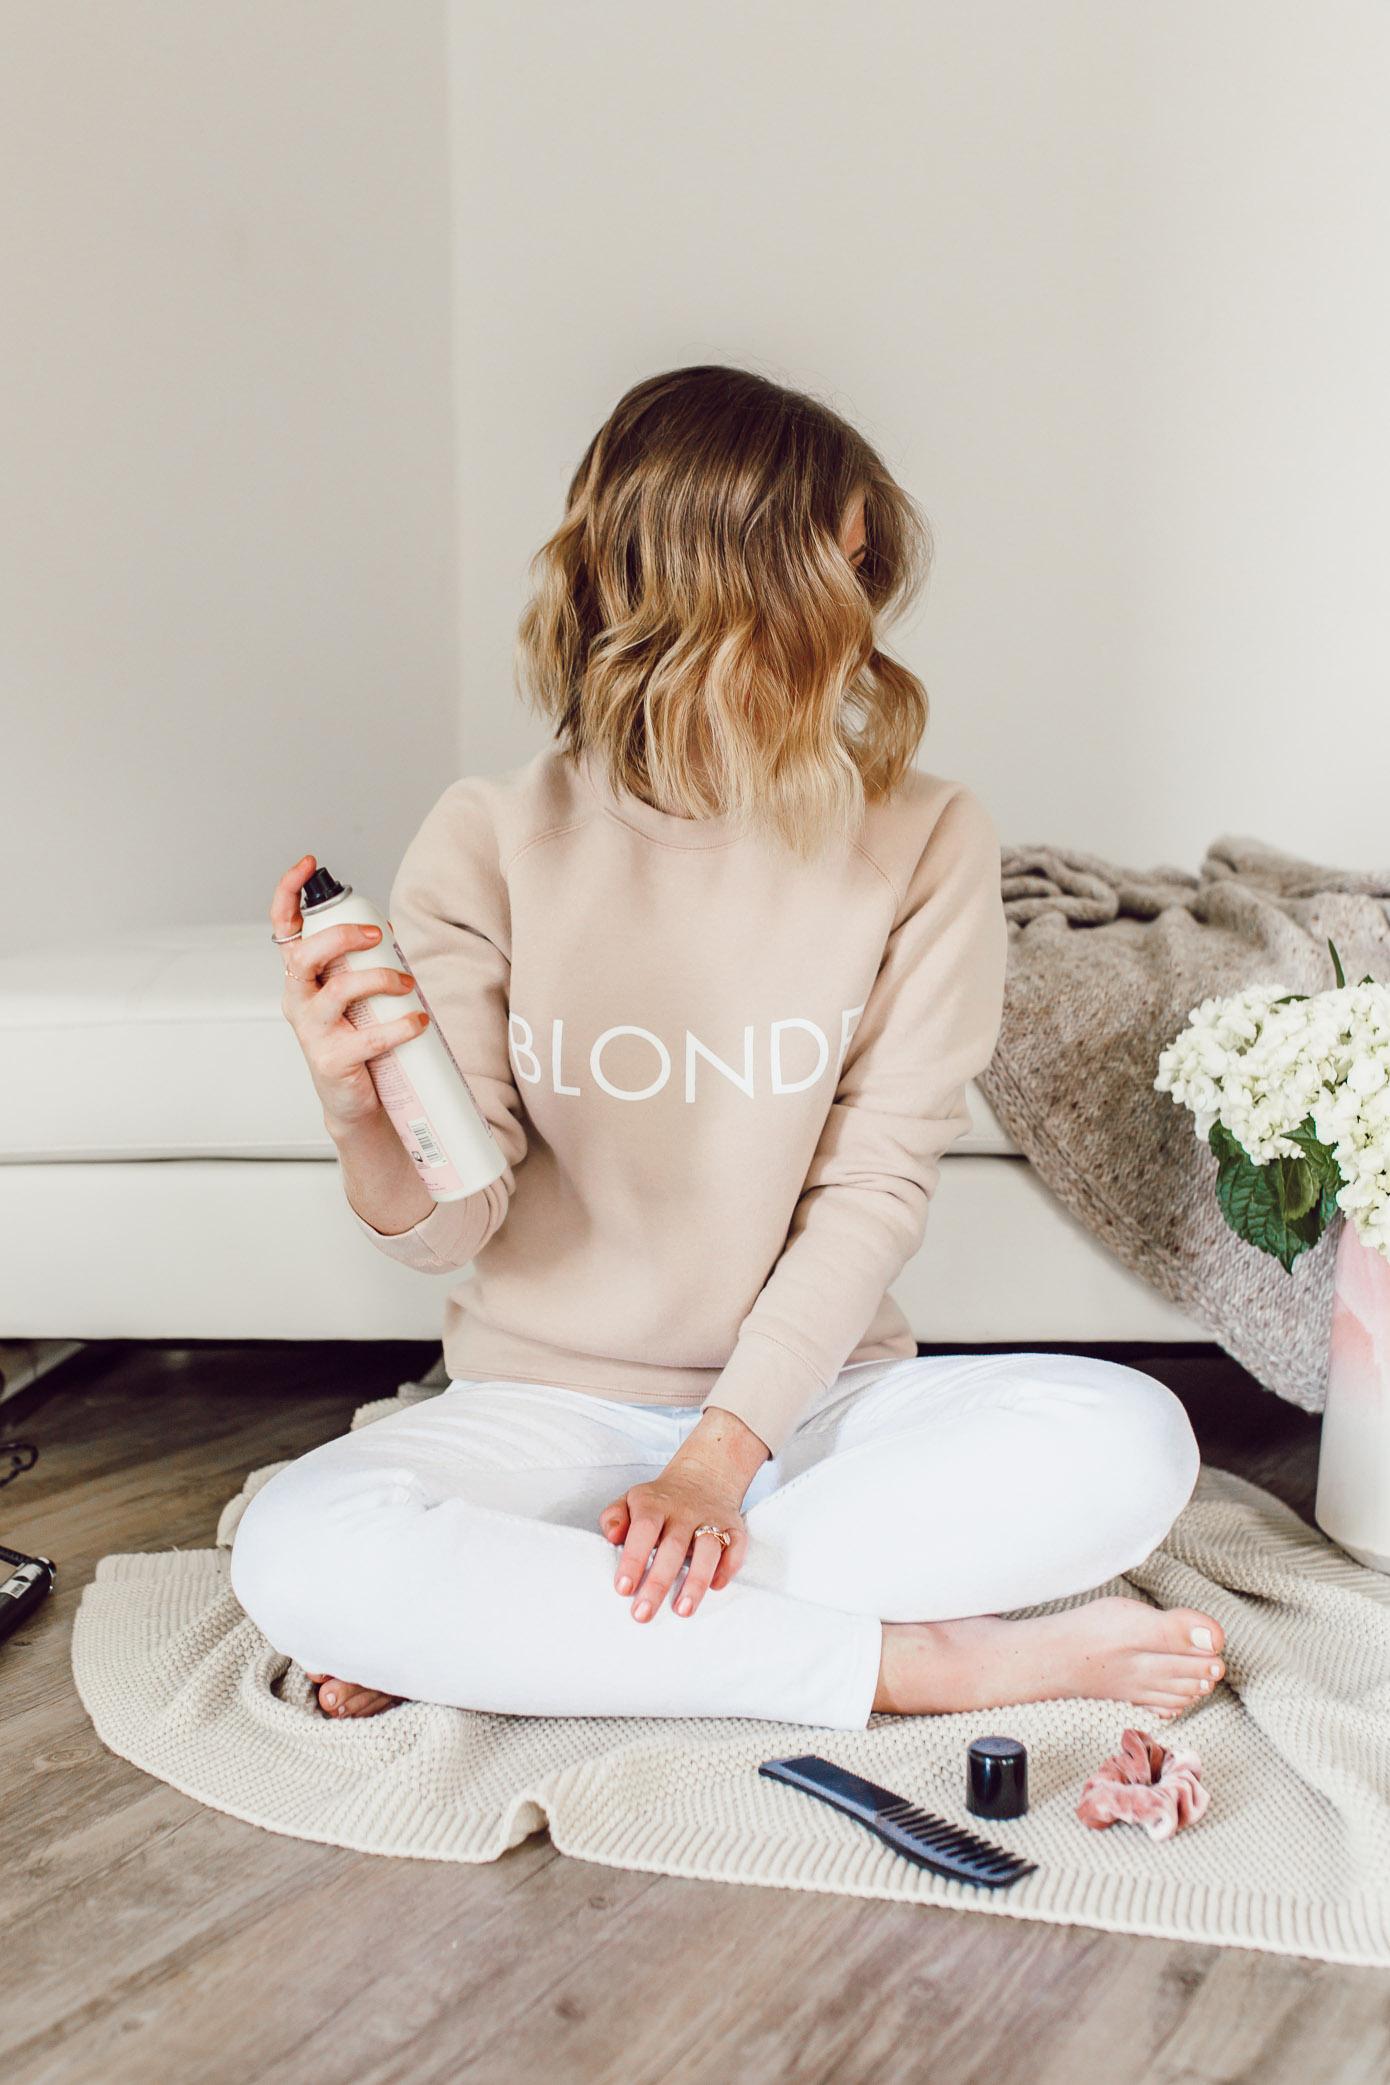 Short Hair Curling Wand Tutorial | Curled Lob Haircut | Louella Reese